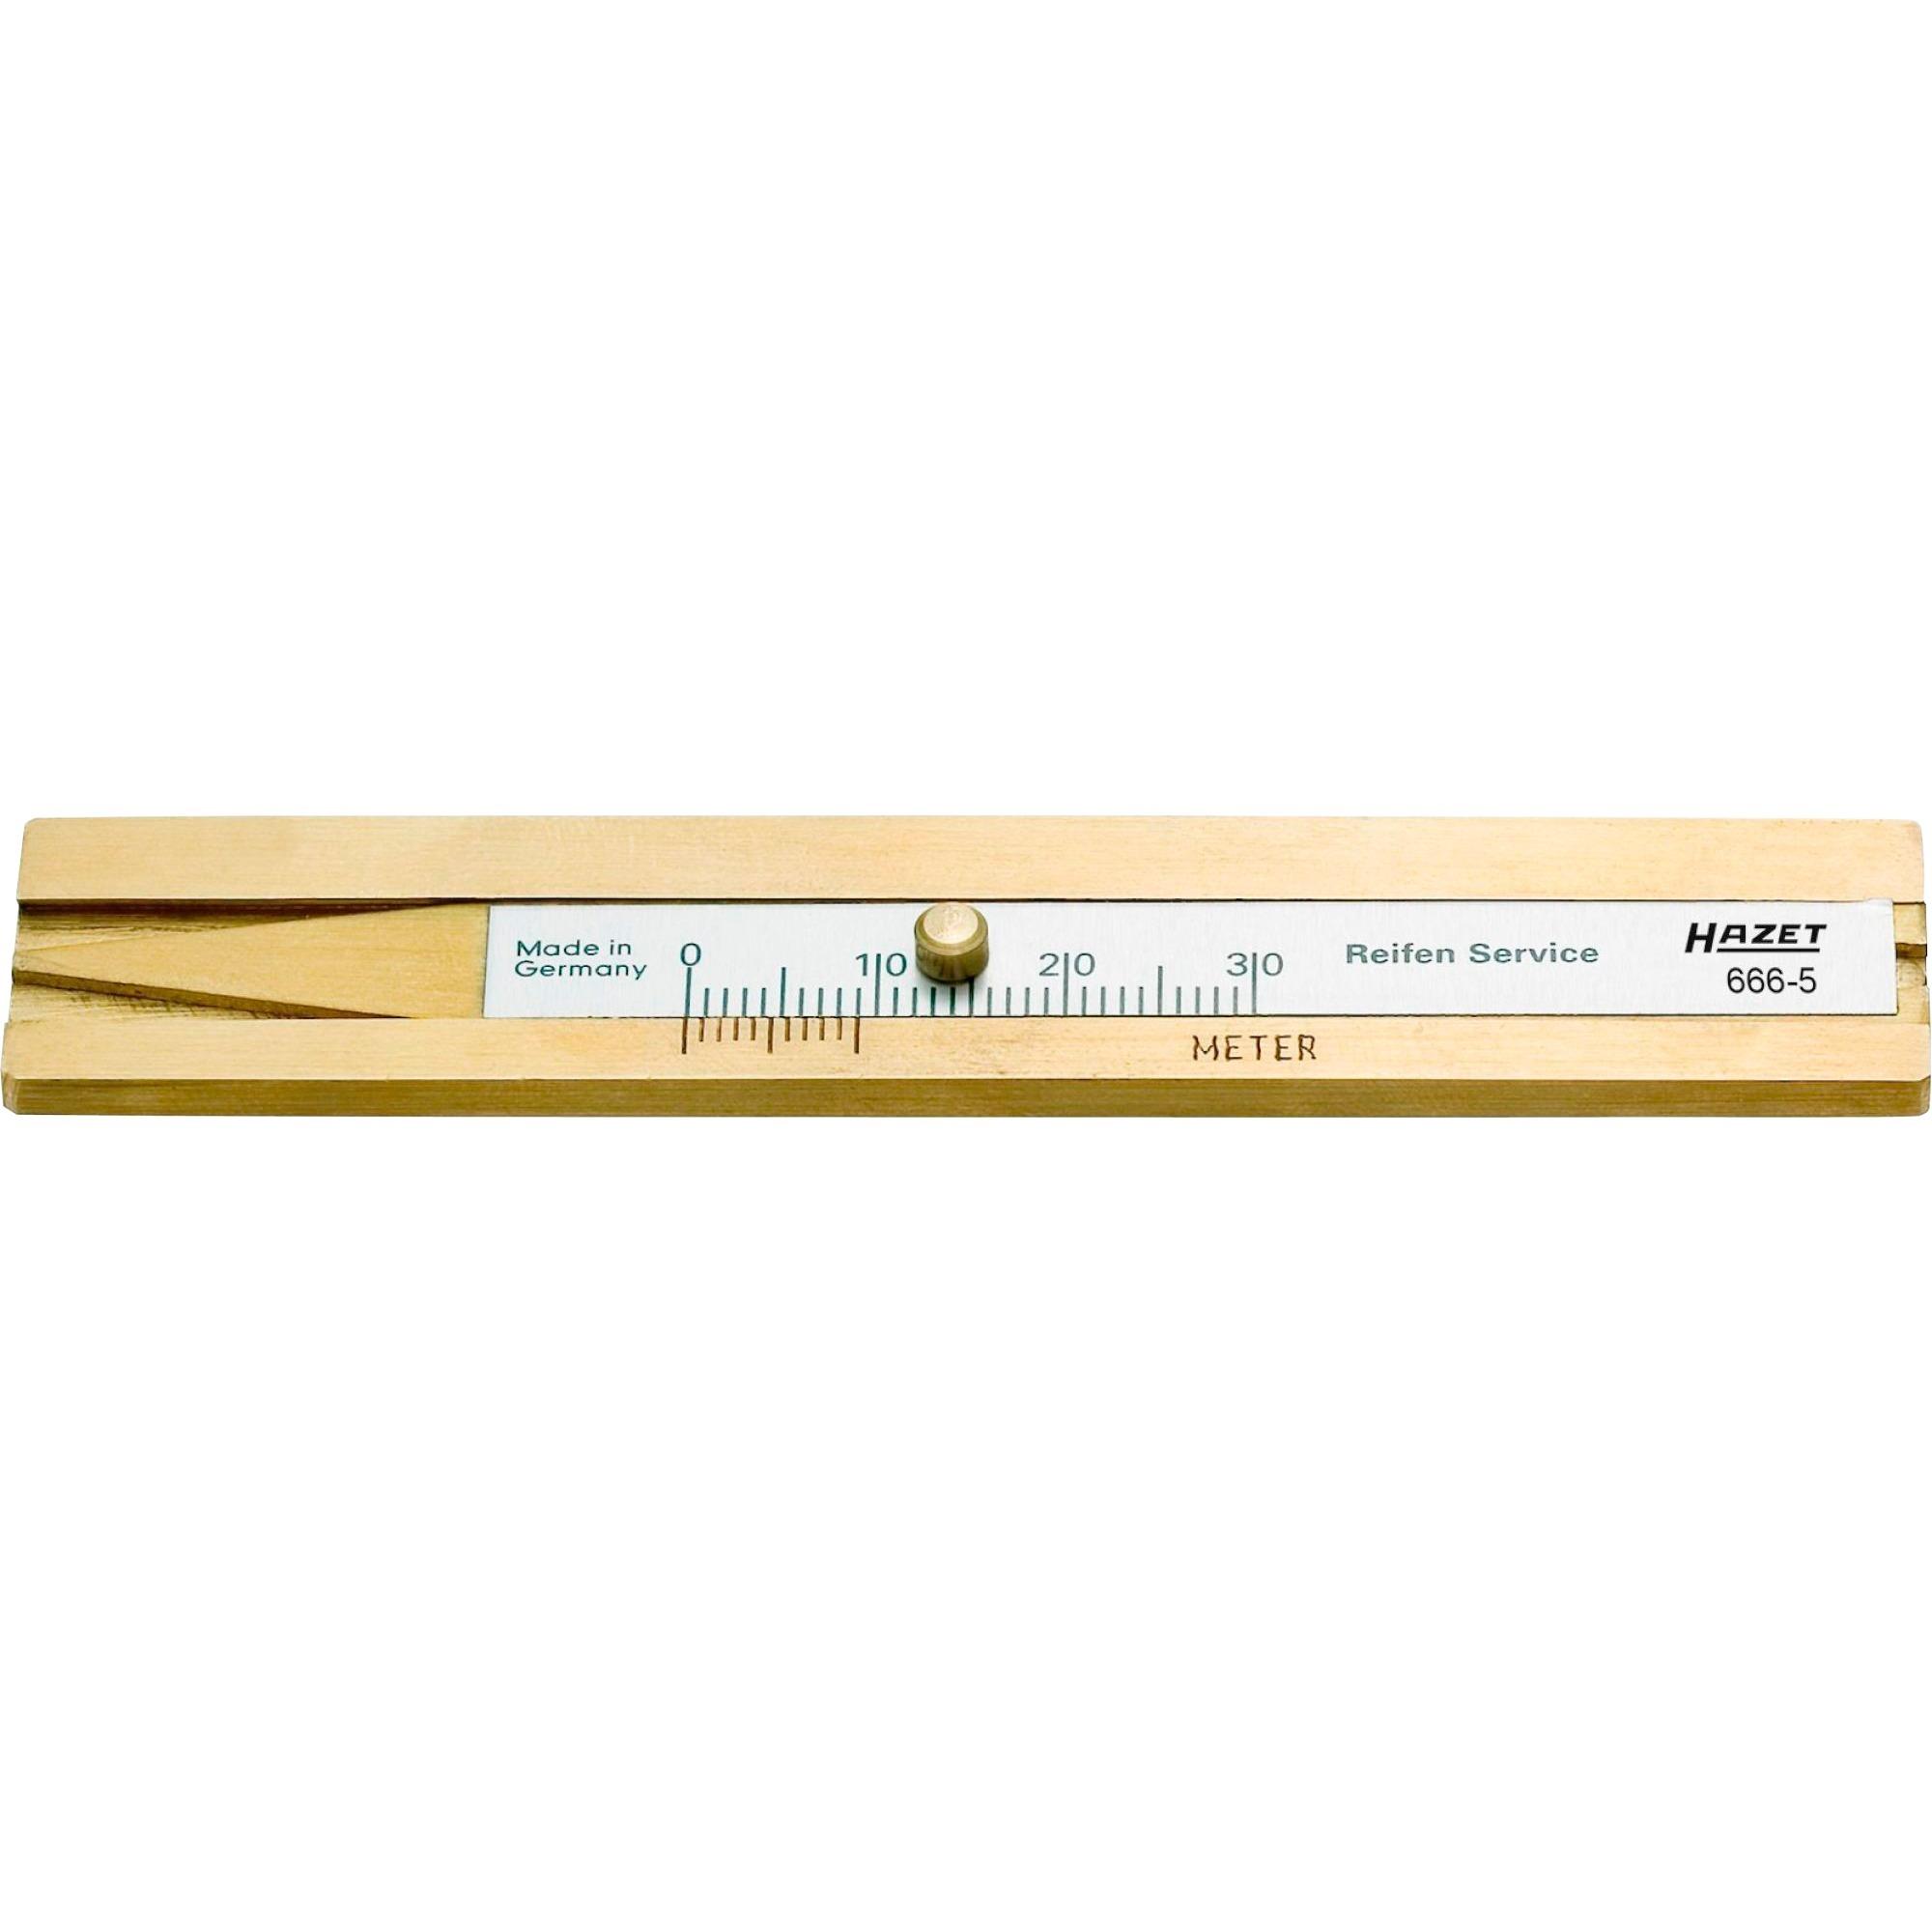 666-5, Instrumento de medición